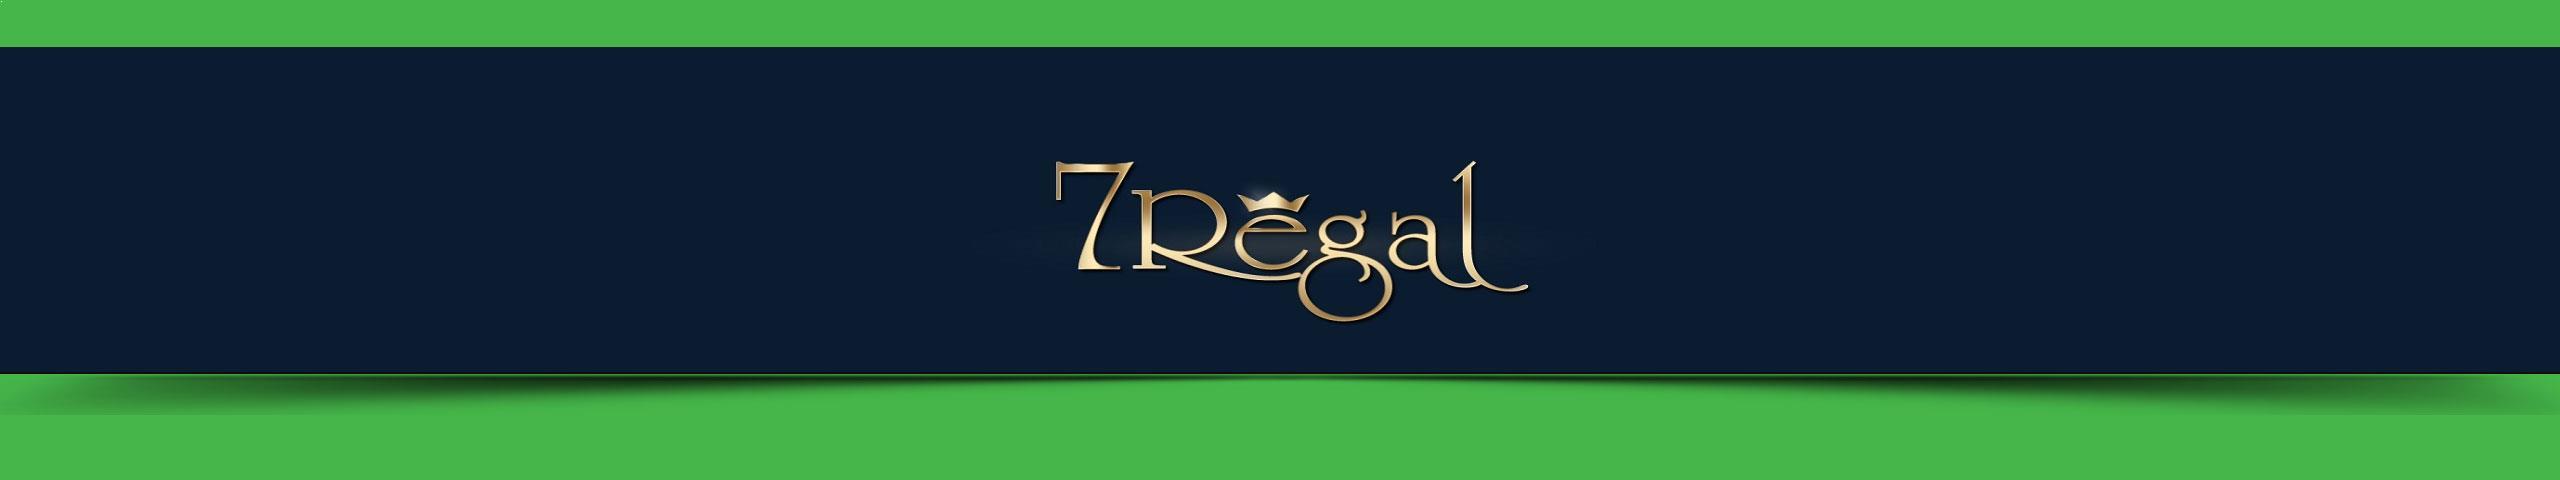 Vizualizarea Cazinoului 7Regal - Multabafta.com Slider